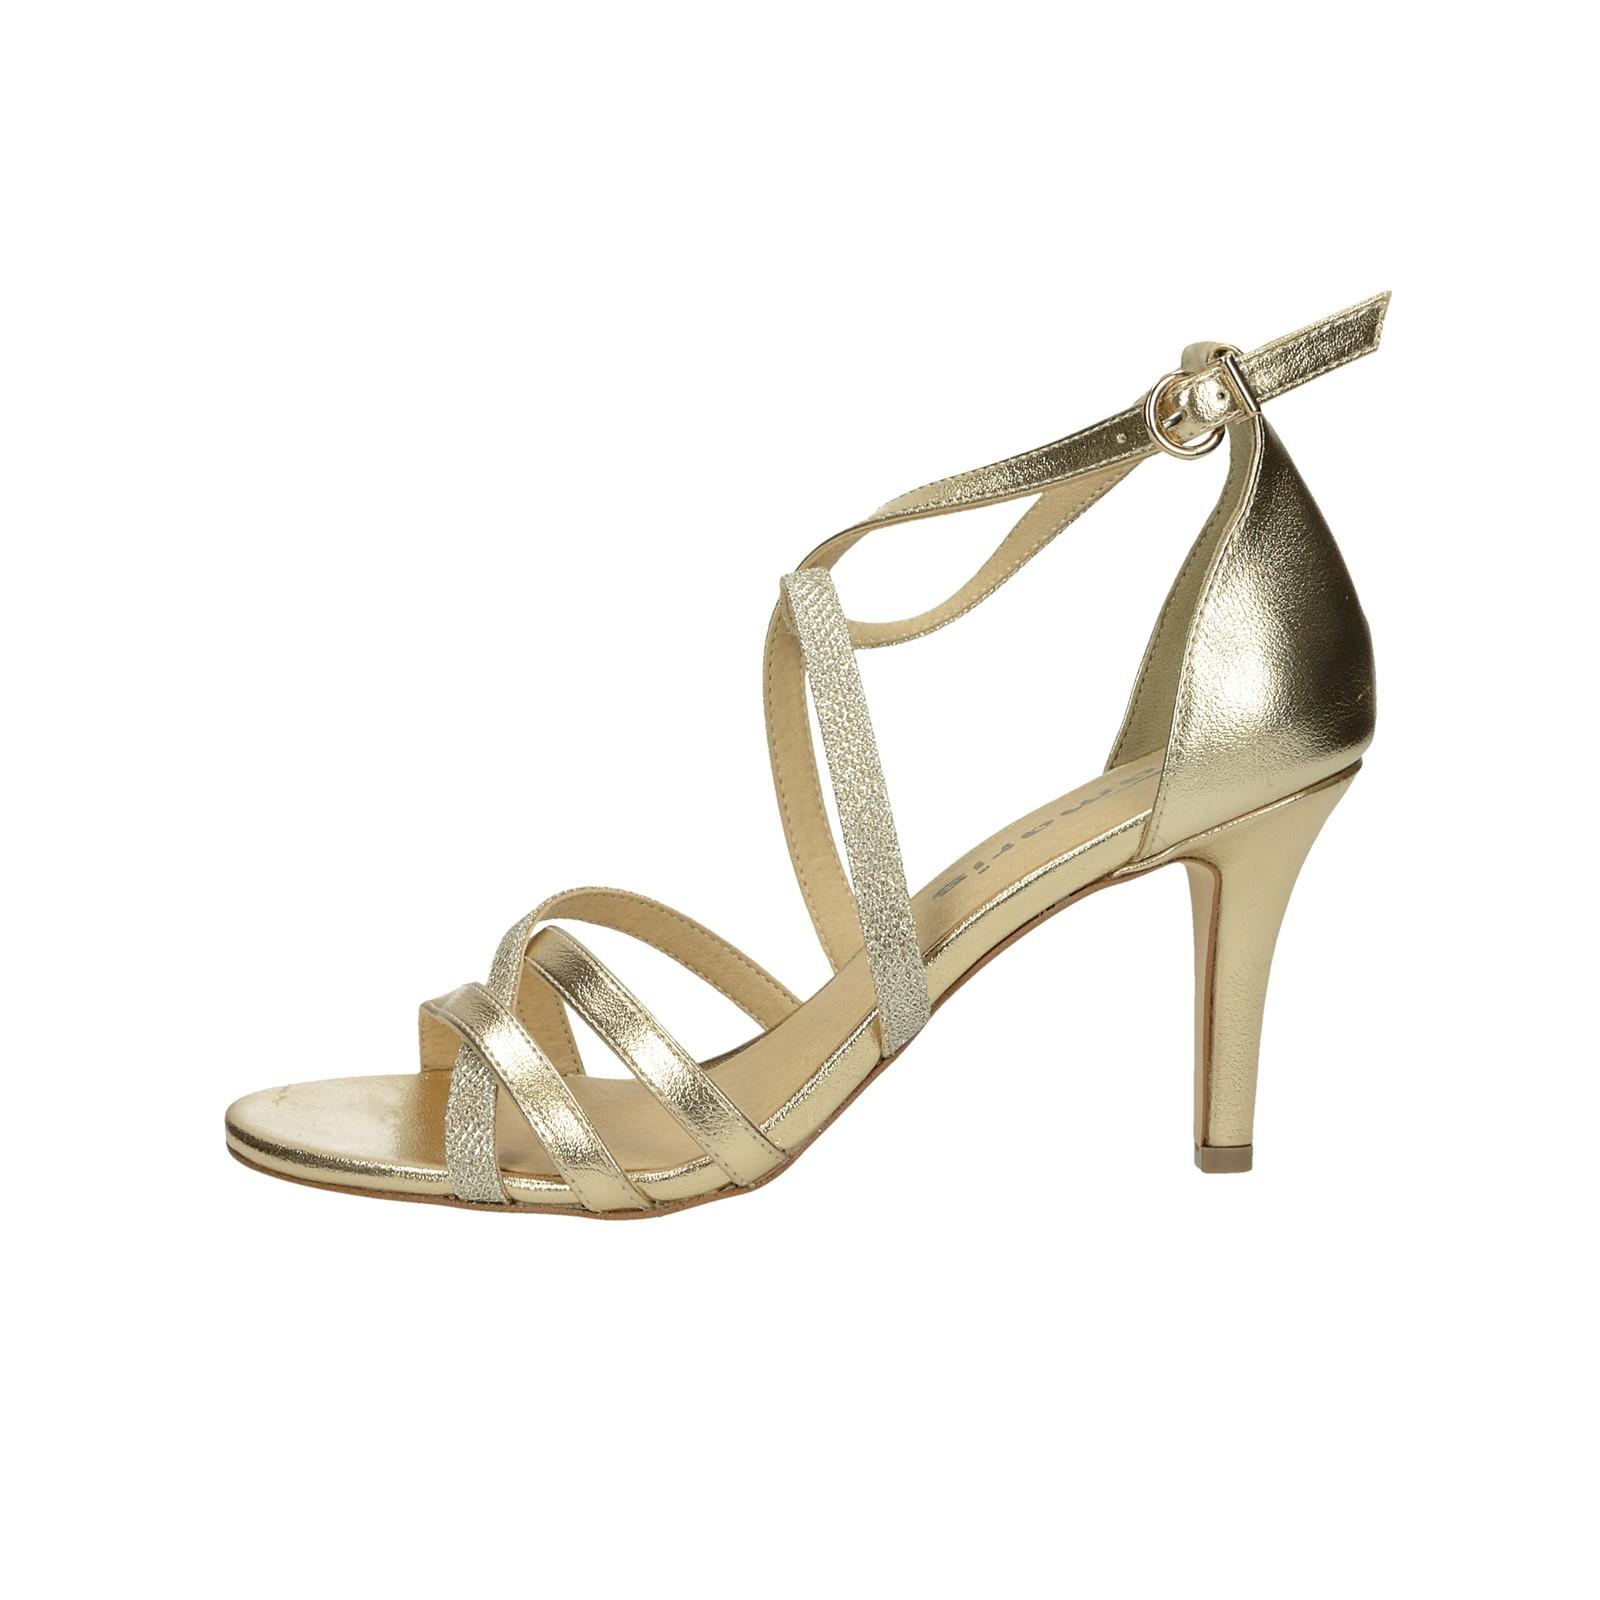 1b38c5f7dc059 Tamaris dámske spoločenské sandále na podpätku - zlaté | 2830231 ...